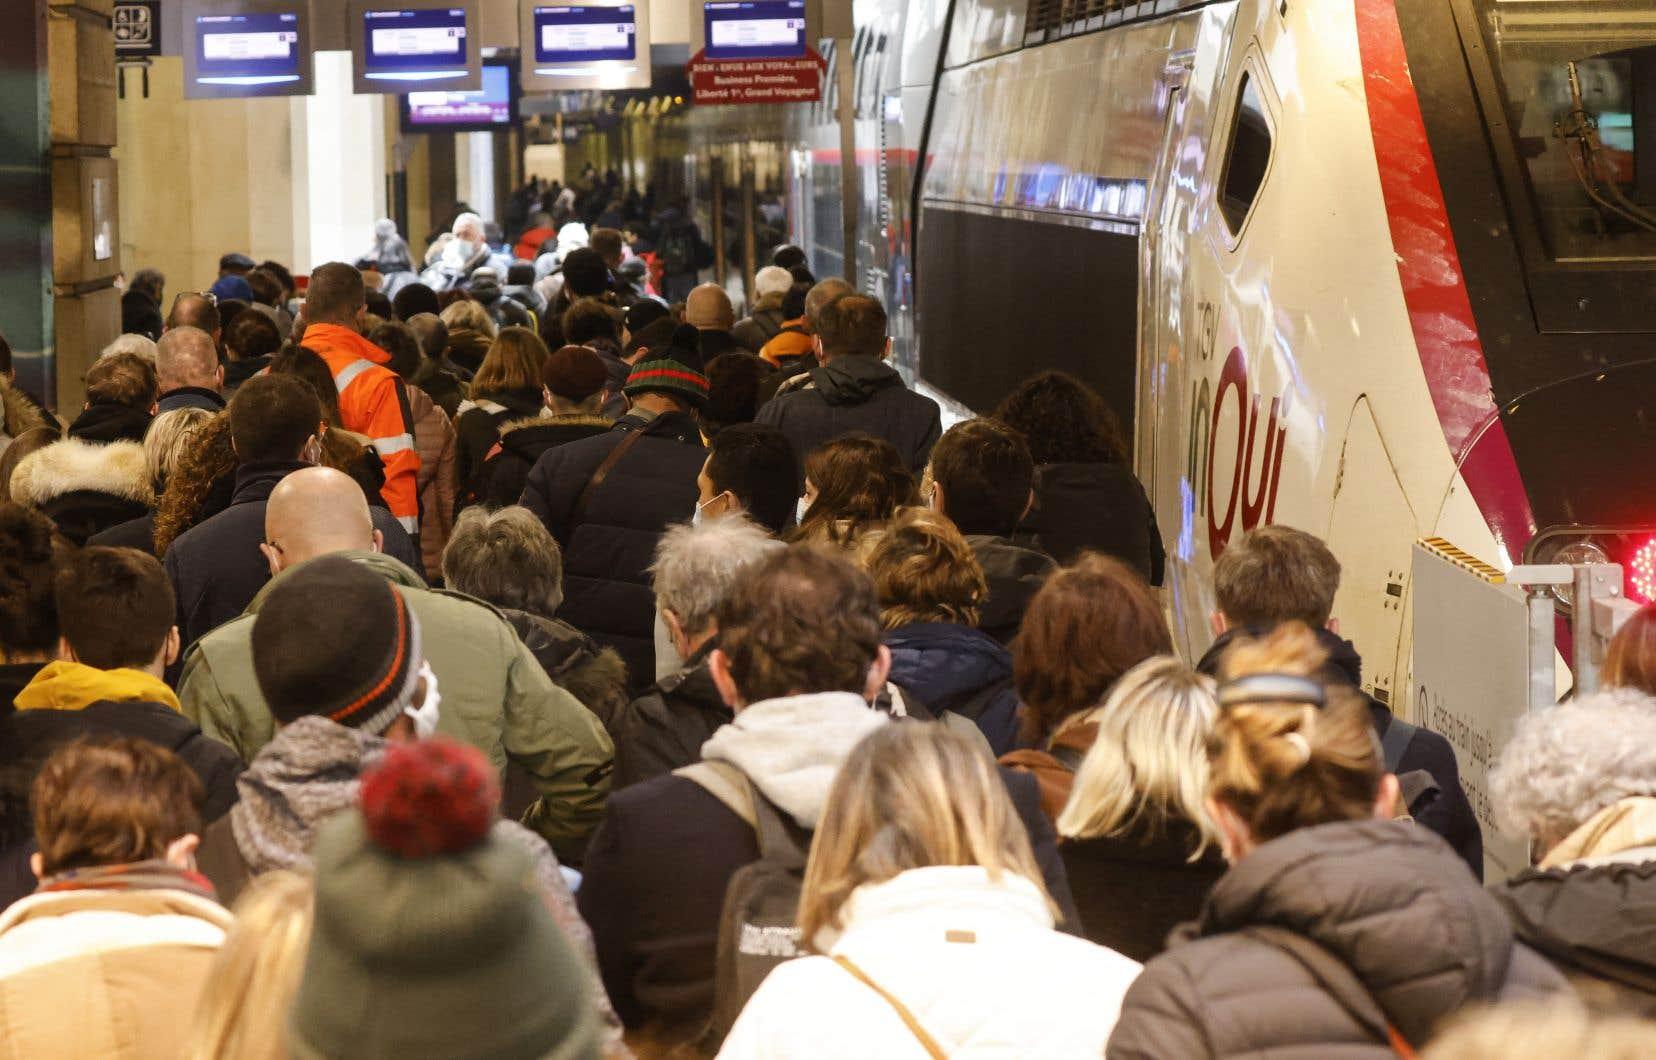 Dès le matin, les gares parisiennes étaient bondées de voyageurs pressés d'attraper leur train pour s'évader de la capitale et ses nouvelles restrictions.